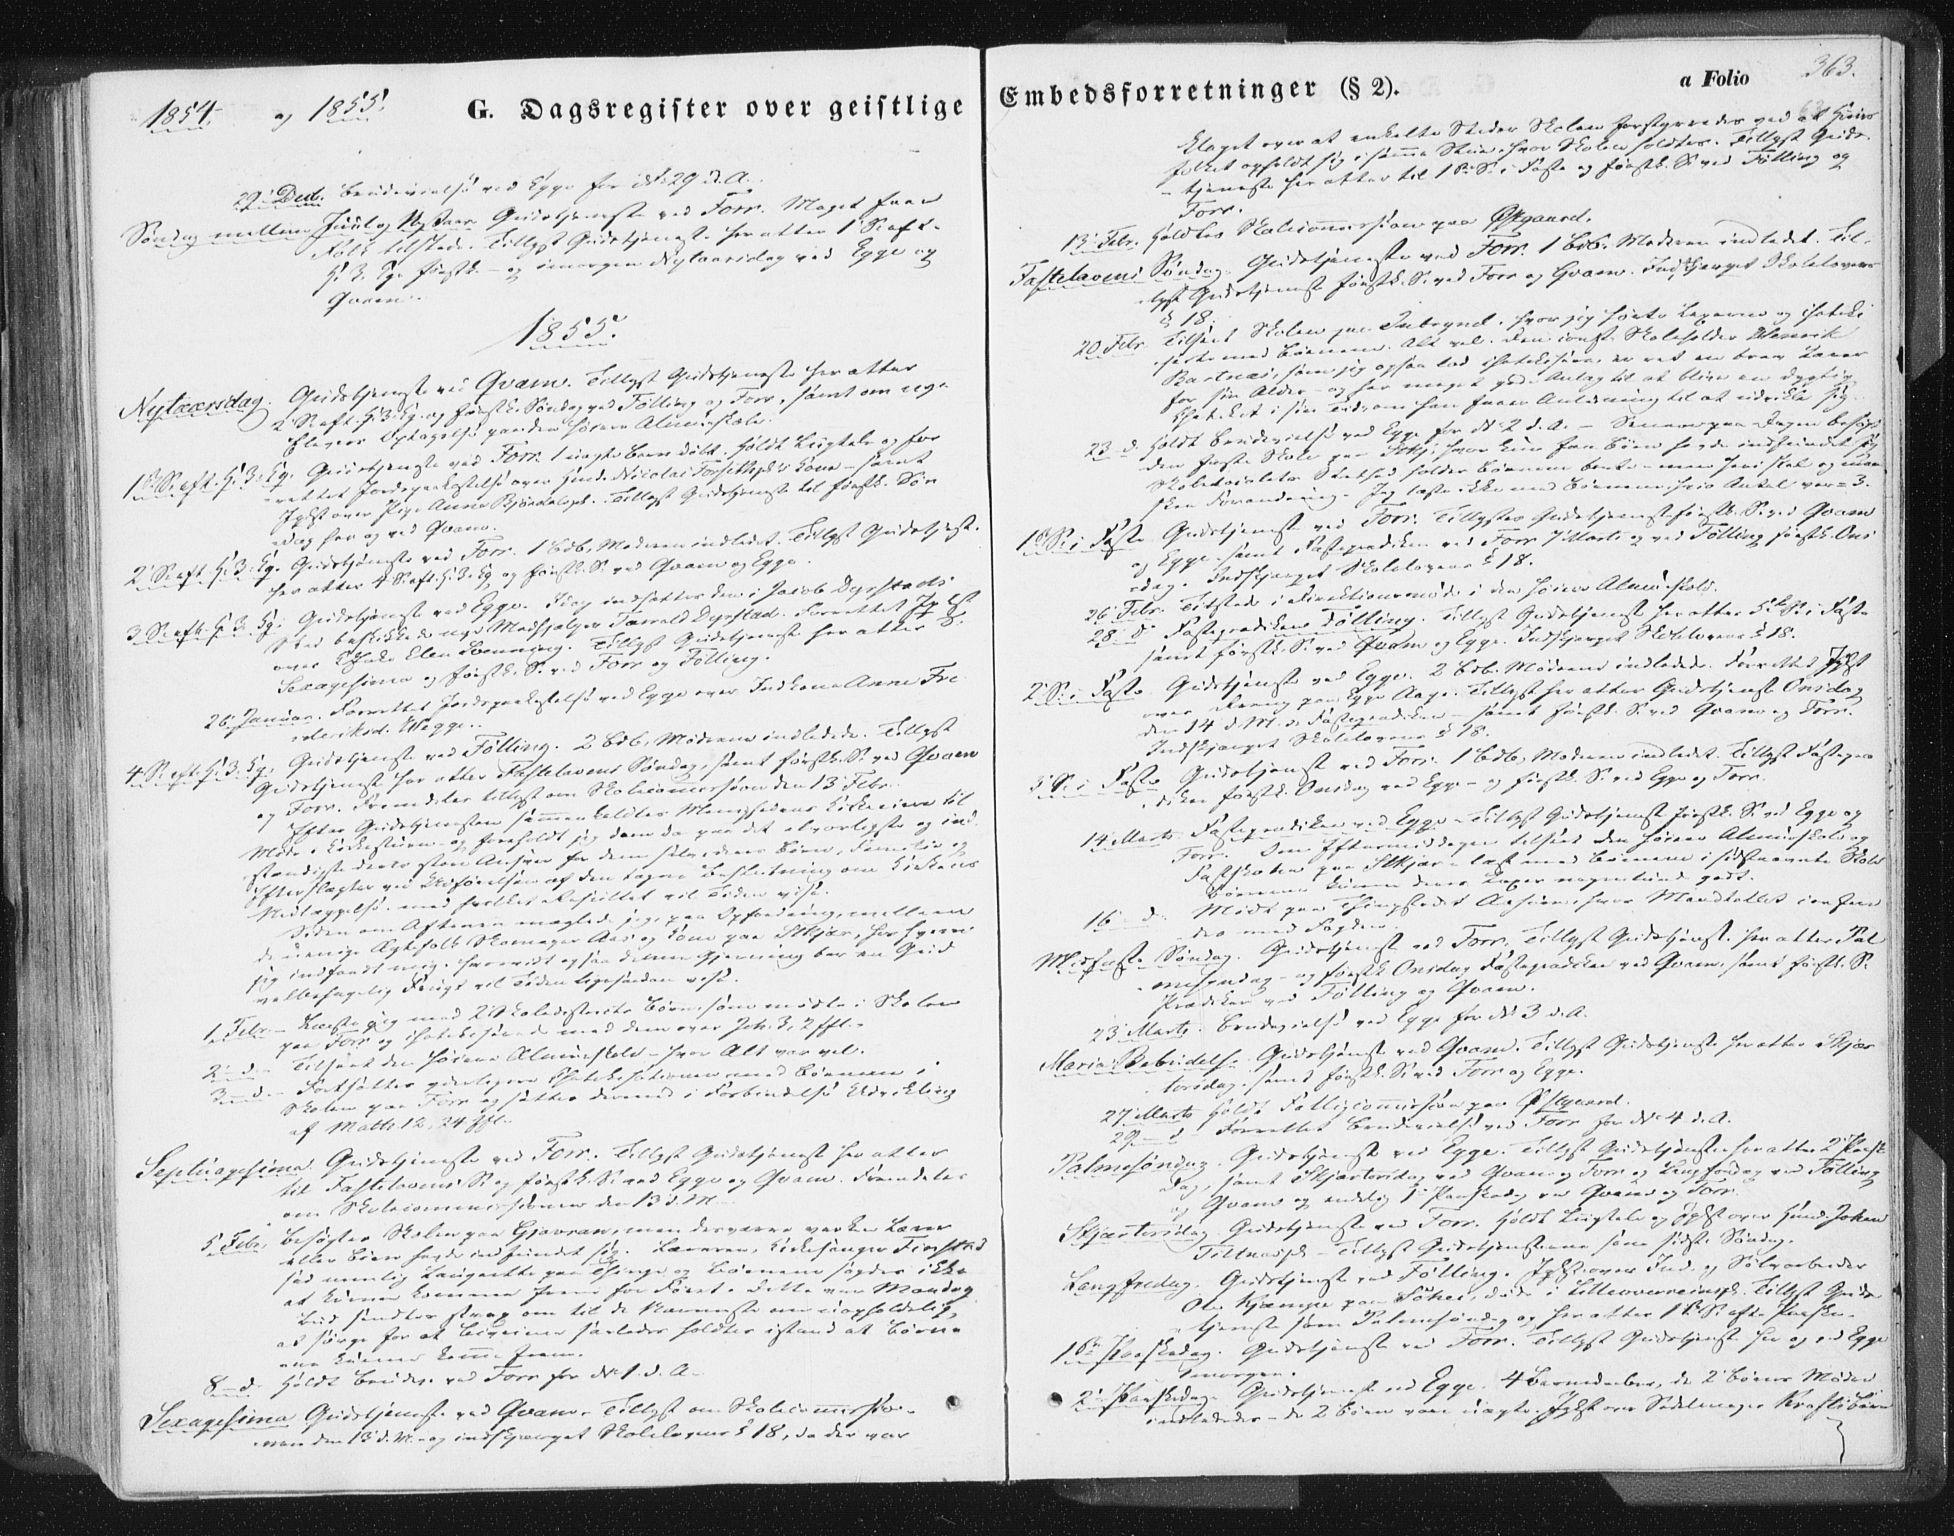 SAT, Ministerialprotokoller, klokkerbøker og fødselsregistre - Nord-Trøndelag, 746/L0446: Ministerialbok nr. 746A05, 1846-1859, s. 363